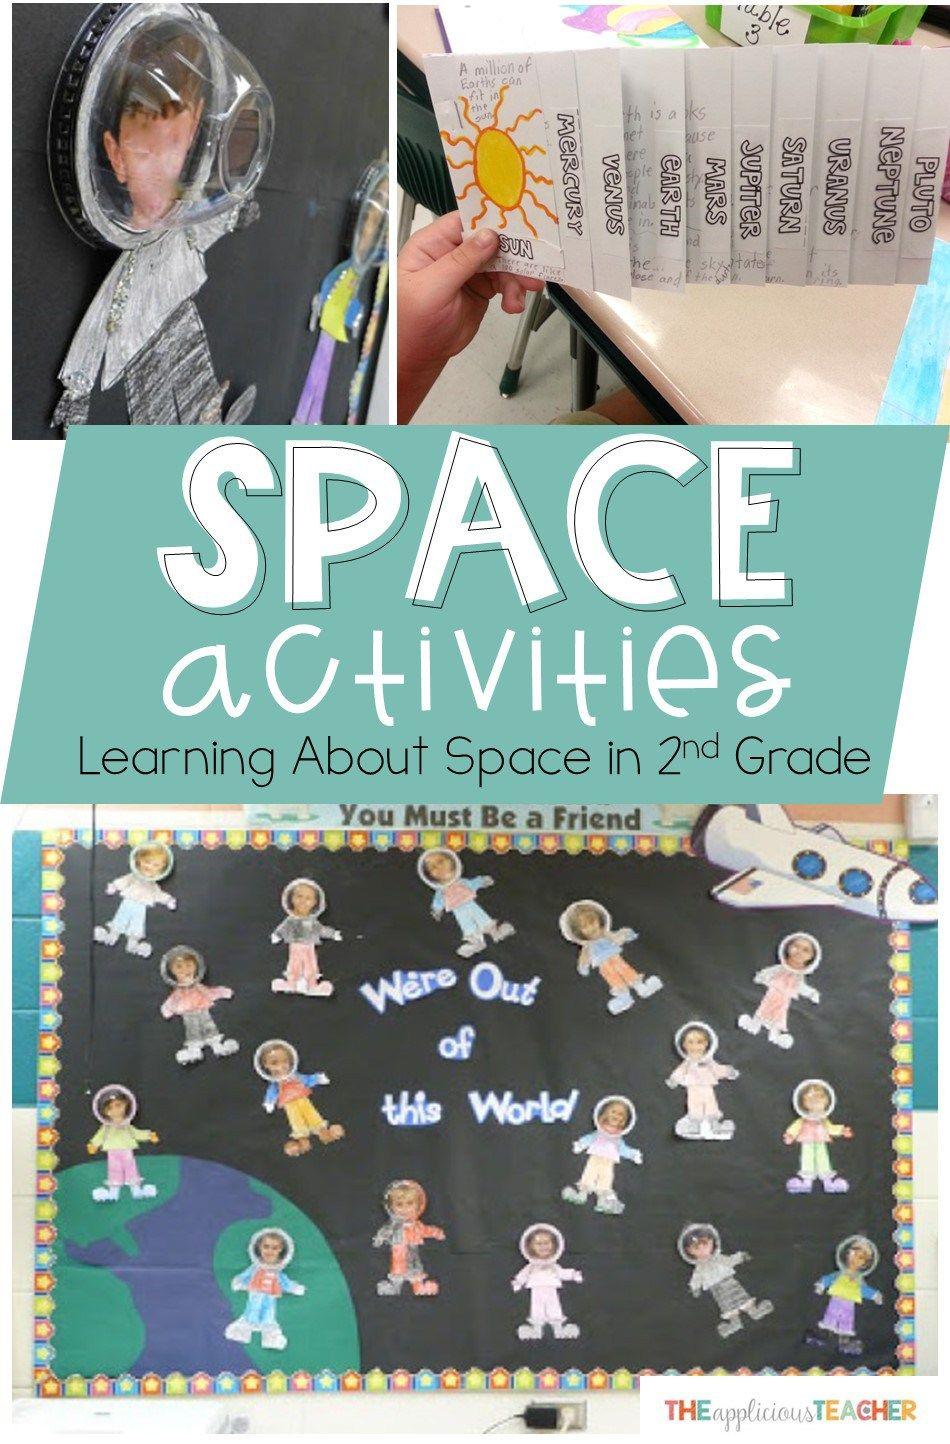 Space Activities for 2nd Grade   Space activities [ 1444 x 950 Pixel ]